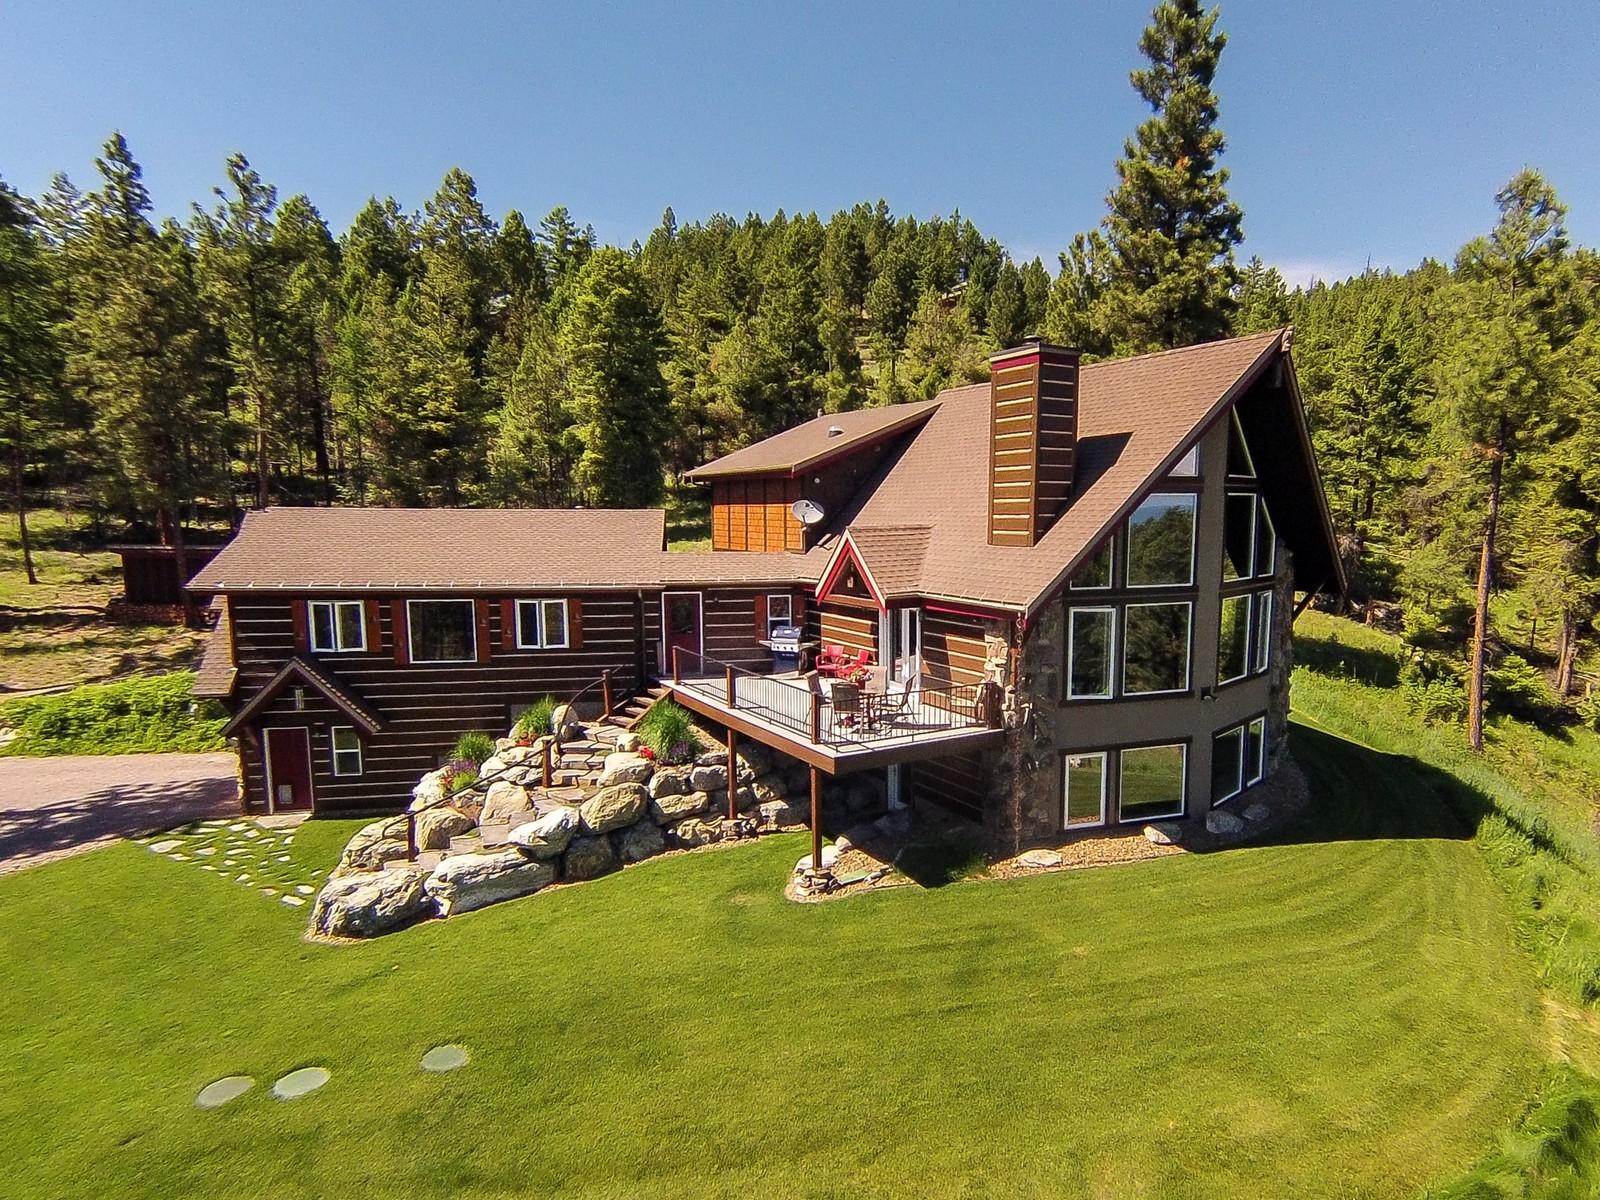 一戸建て のために 売買 アット 121 White Bison Trail 121 White Bison Trl Somers, モンタナ, 59932 アメリカ合衆国